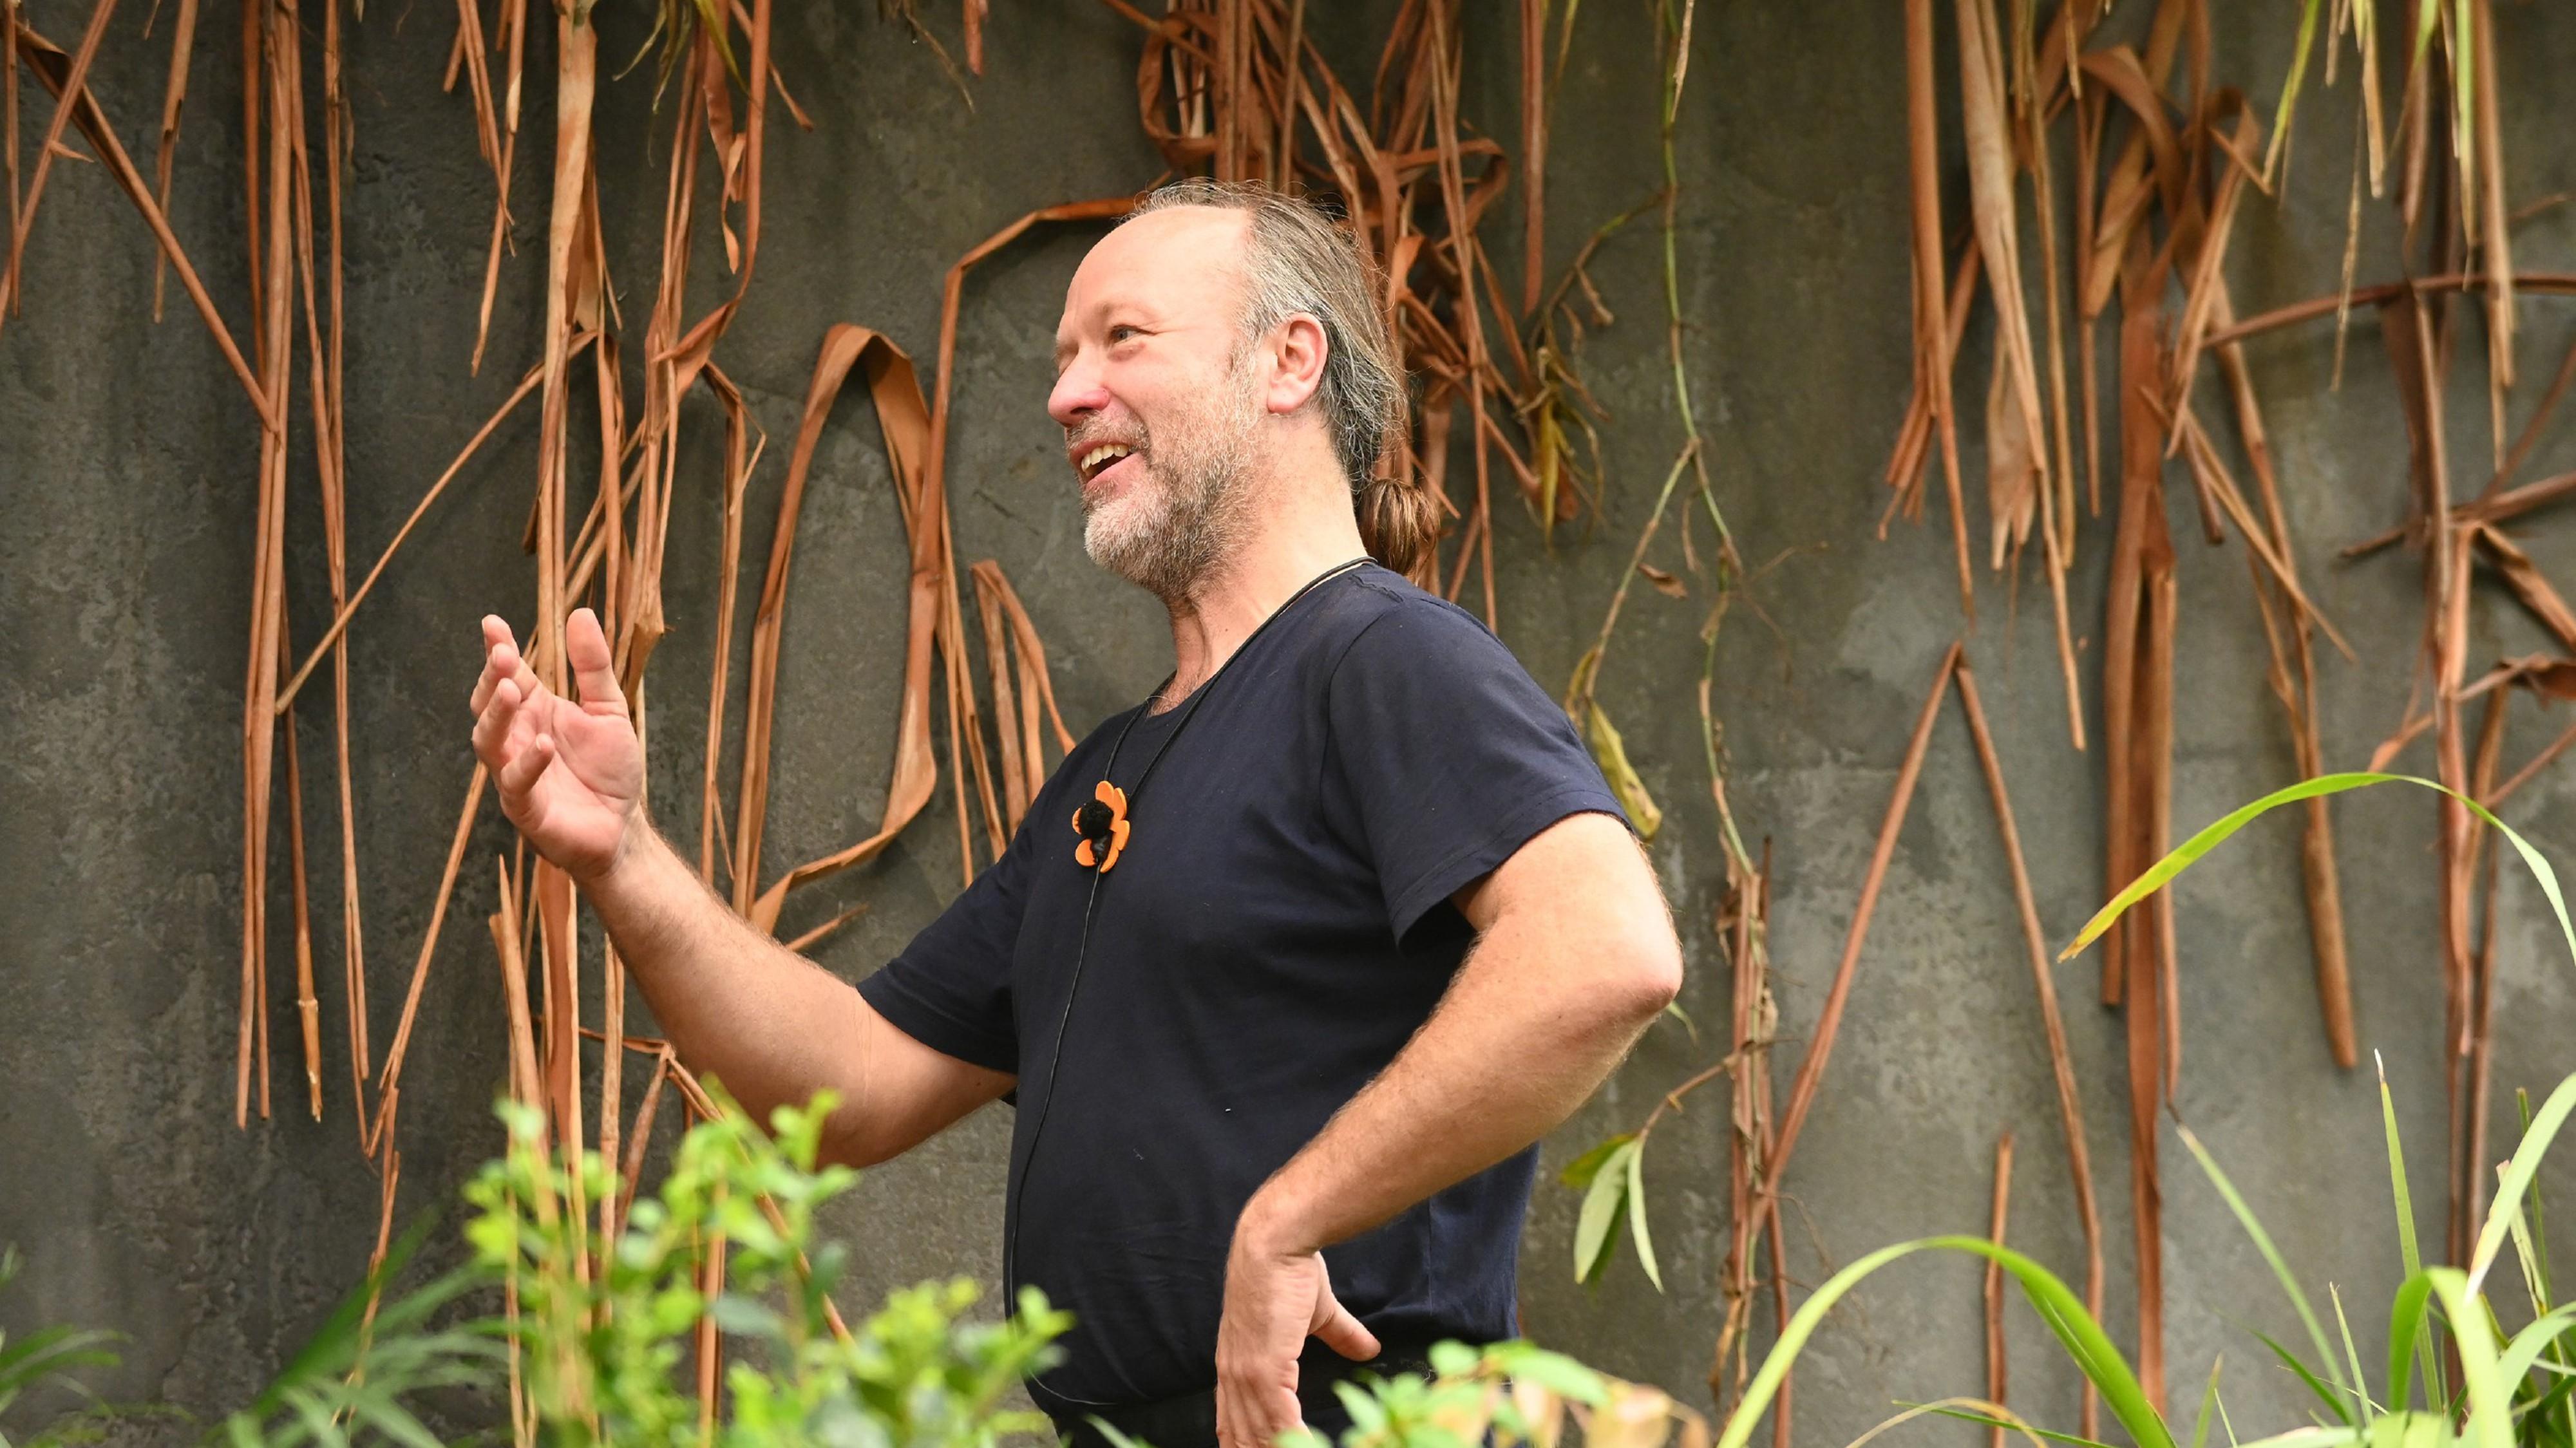 Dschungelcamp-Zuschauer feiern Markus für Gnadenlos-Spruch über Danni Büchner